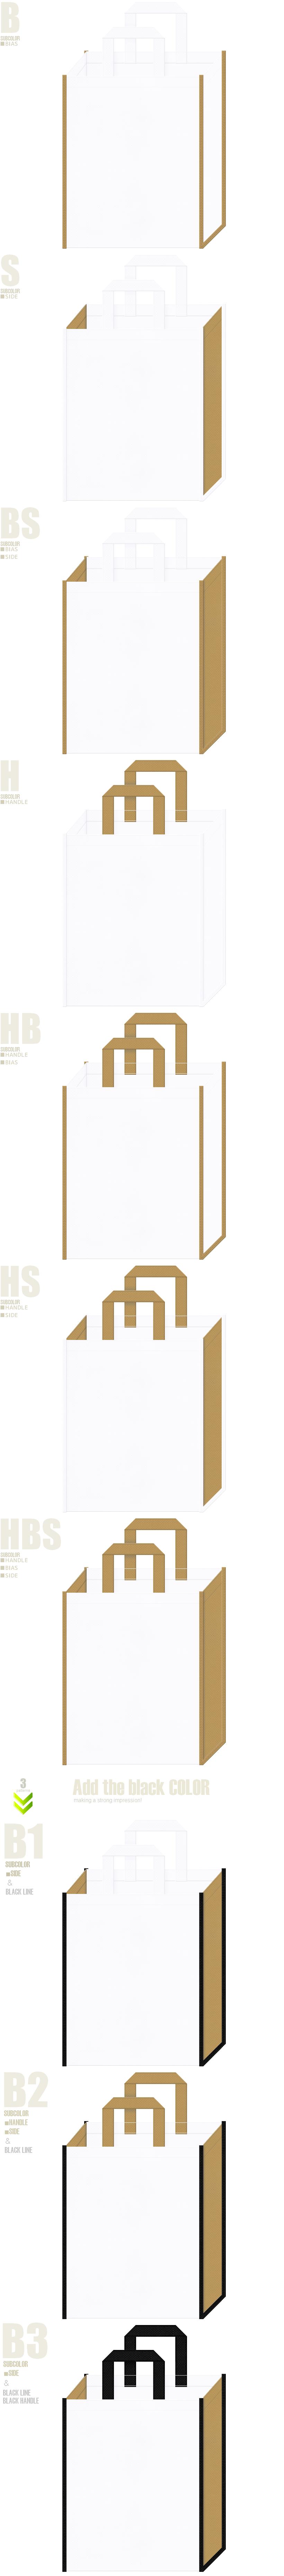 白色と金色系黄土色の不織布バッグデザイン。コスメ・インテリア用品の展示会用バッグにお奨めです。